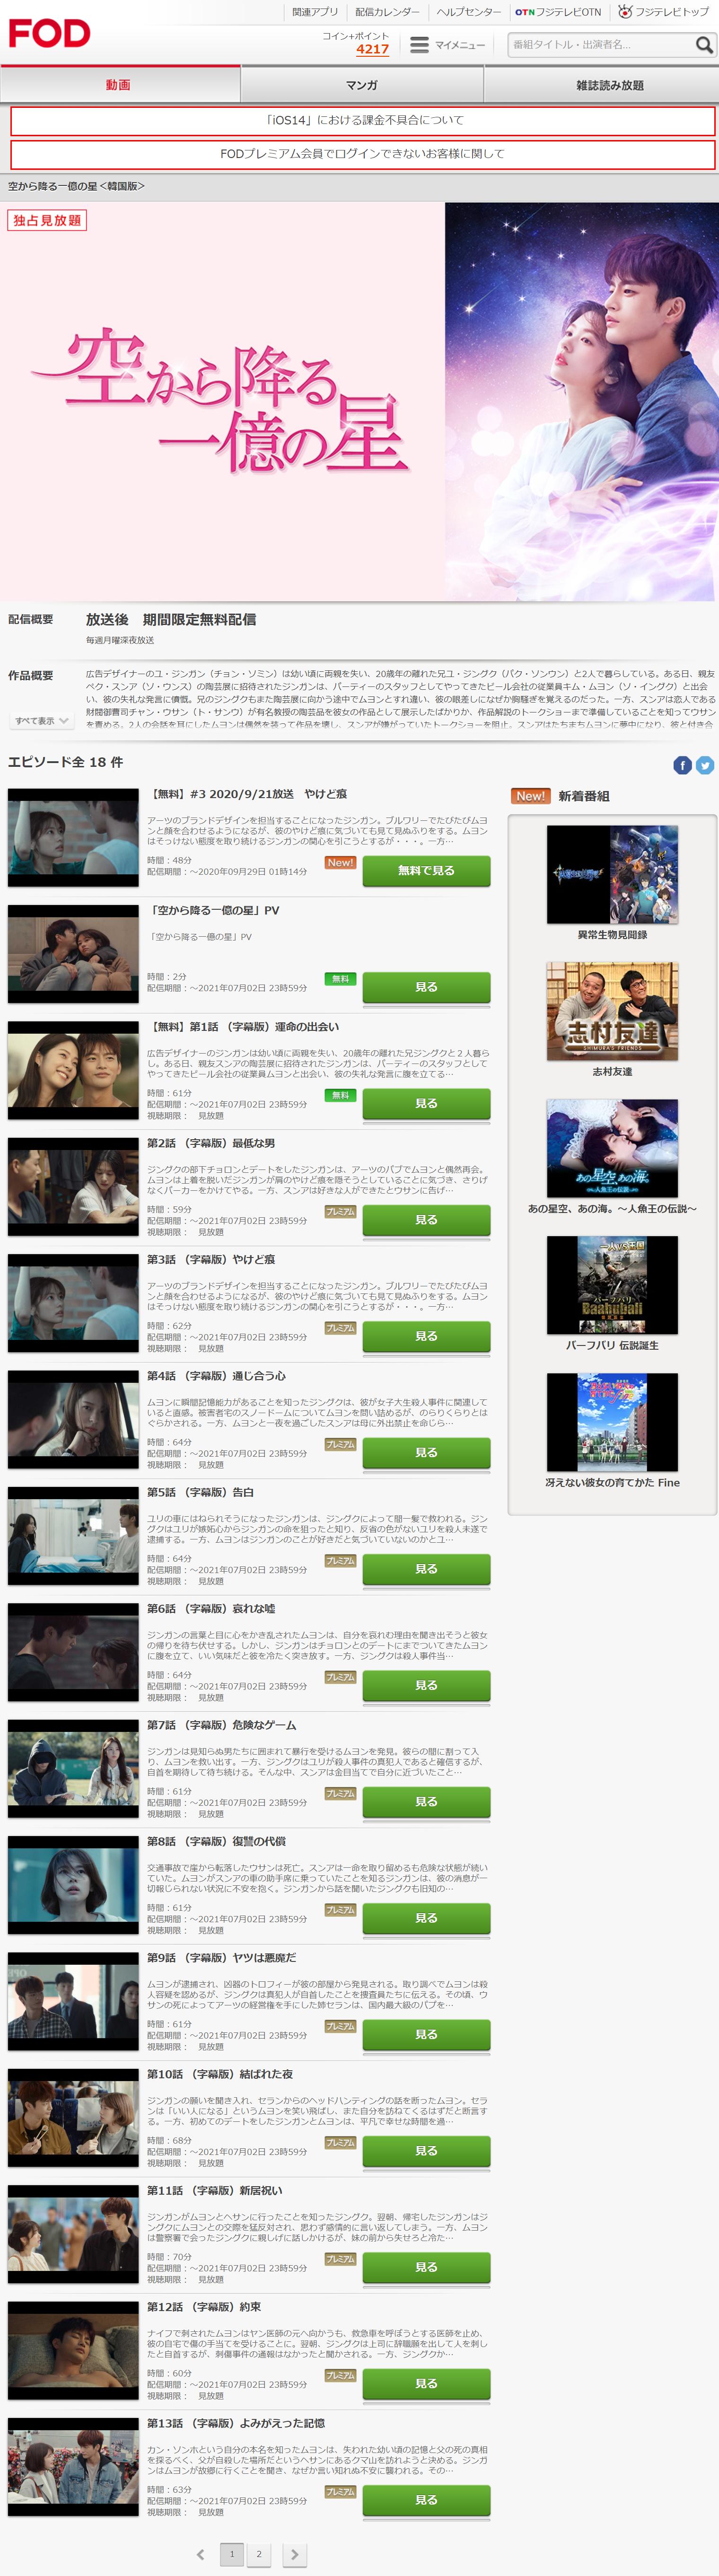 空から降る一億の星(韓国ドラマ)のFOD動画無料視聴方法